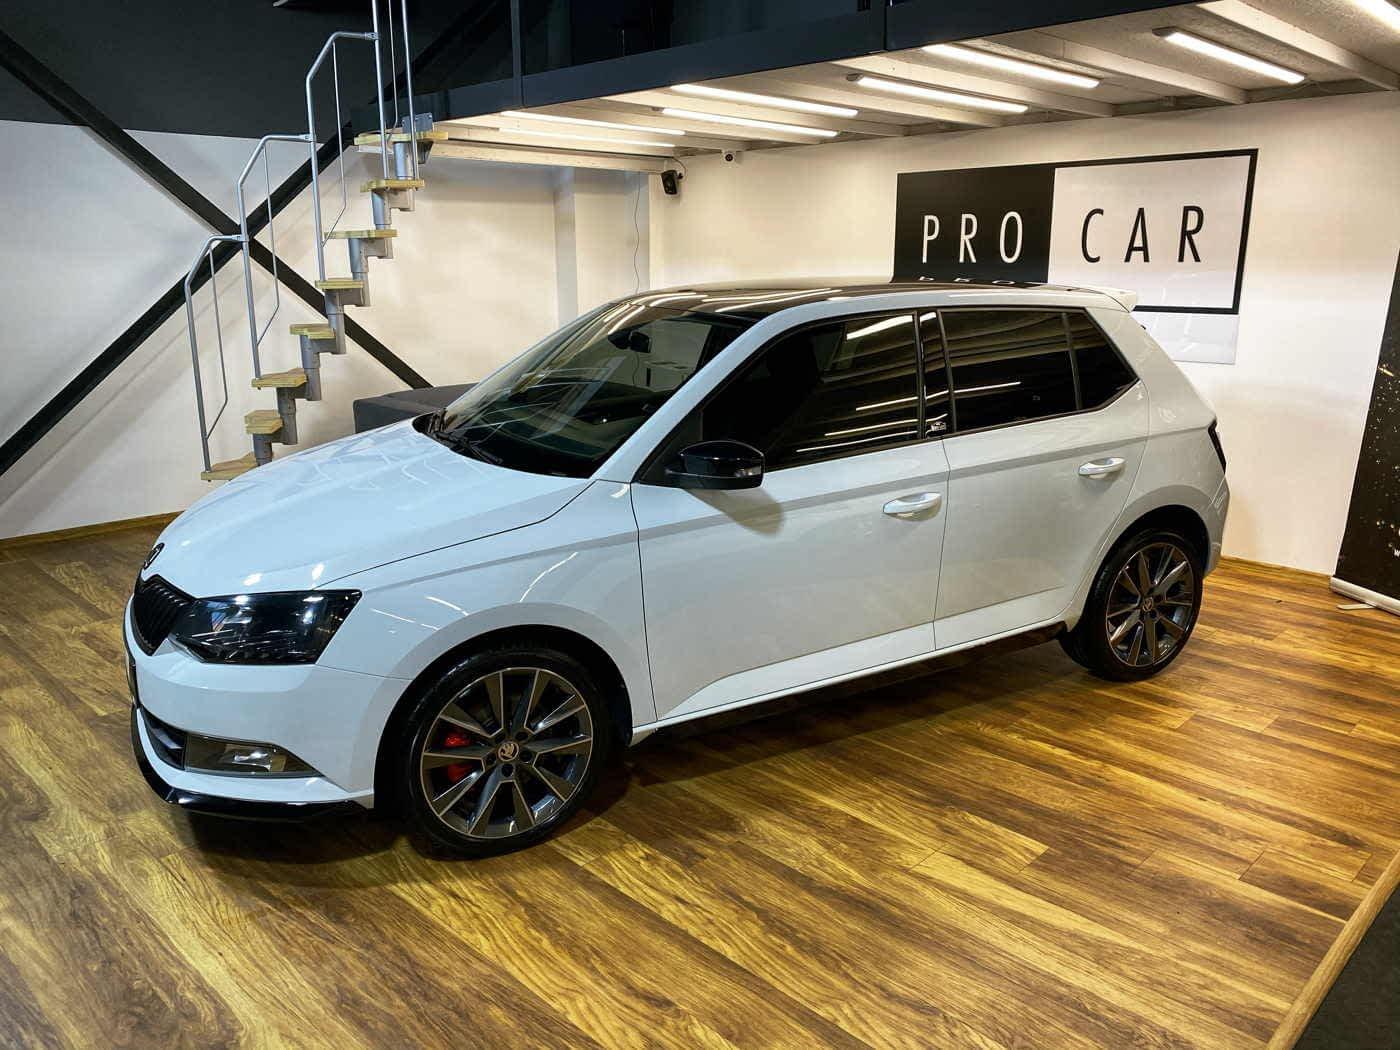 Škoda Fabia Monte Carlo - świeży zakup,  jednak wymagał wielu godzin korekty lakieru 1